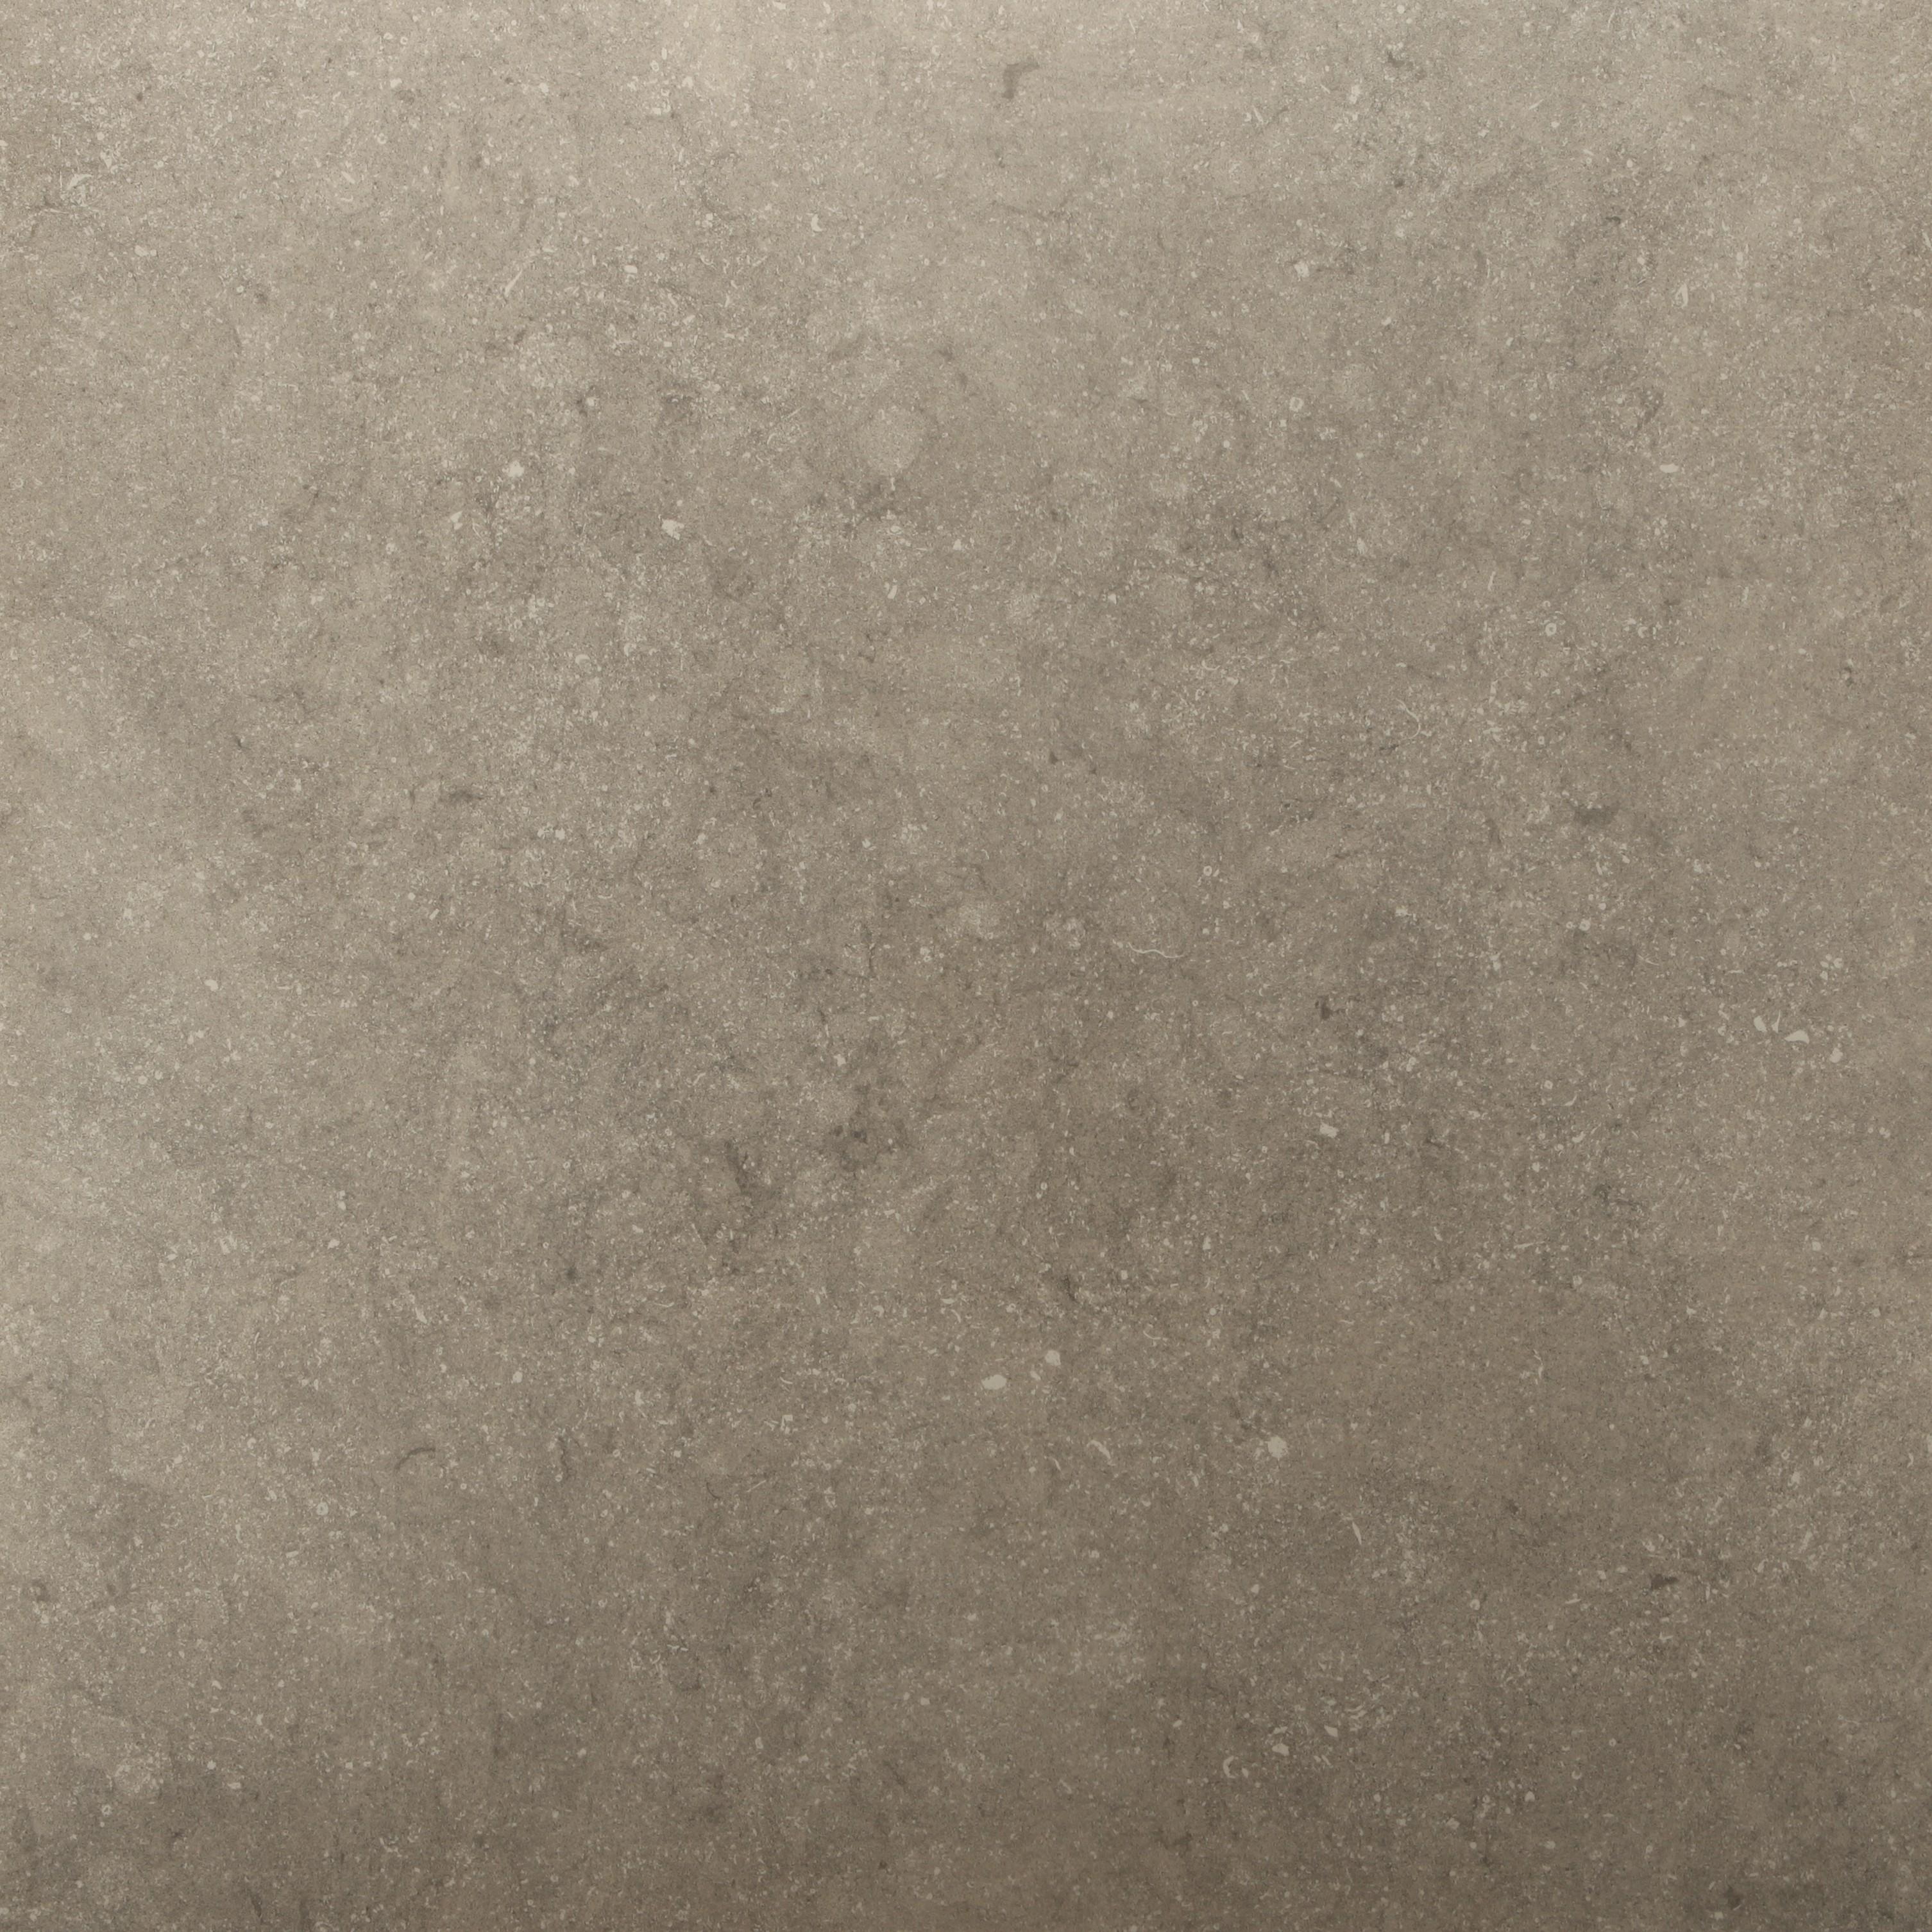 Fliesen Kemmler Bodenfliese Faloppio In Der Farbe Grau Und Im - Terrassen fliesen 80x80